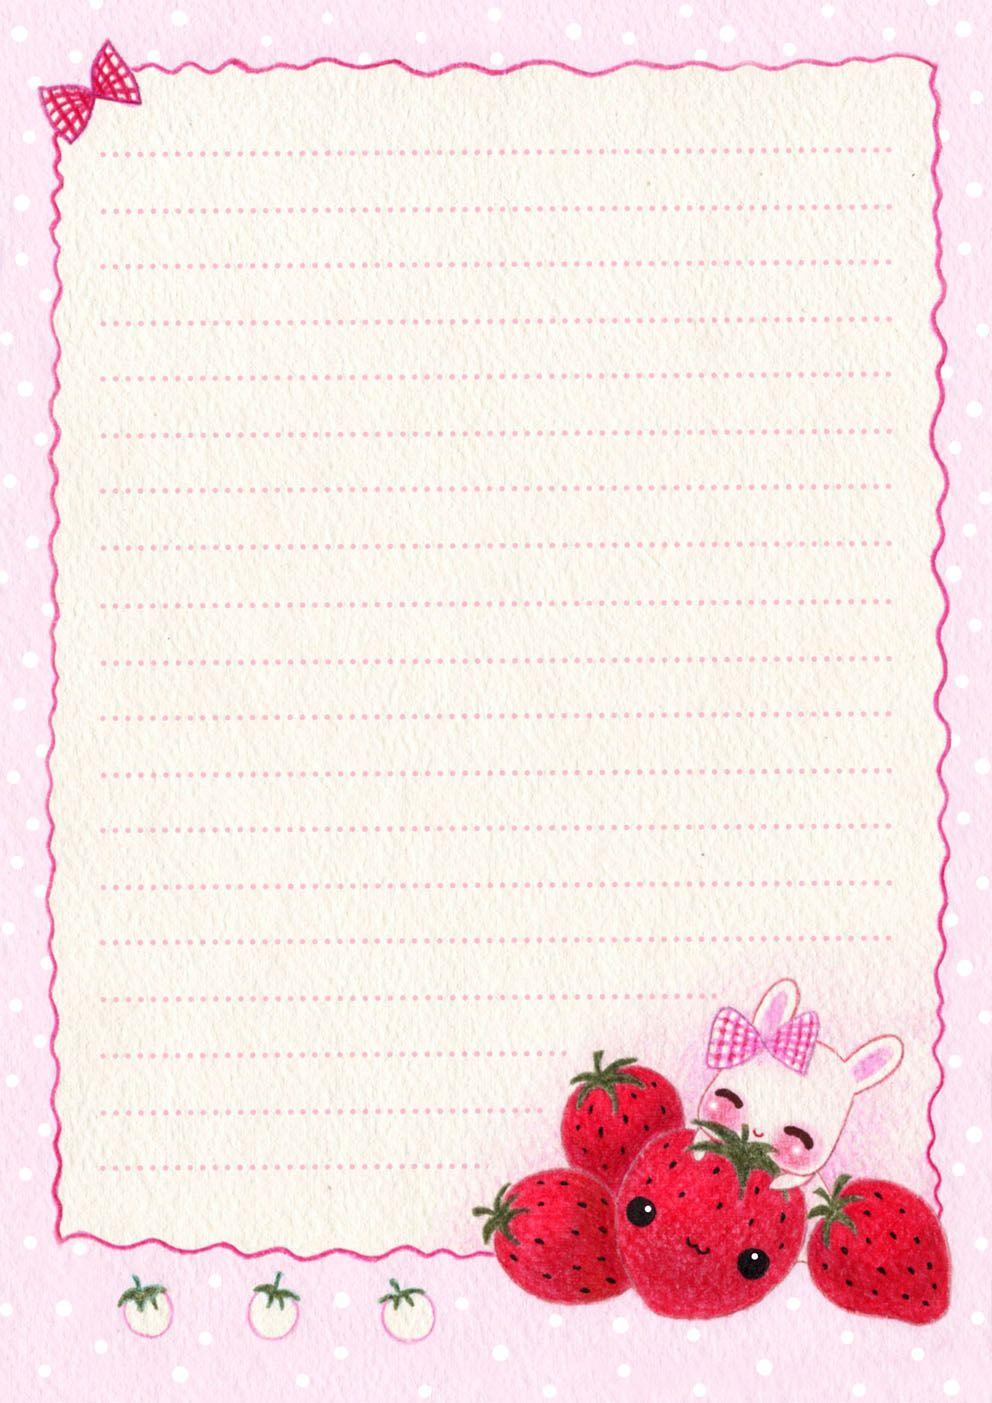 stationary | Snail Mail | Pinterest | Briefpapier, Drucken und ...